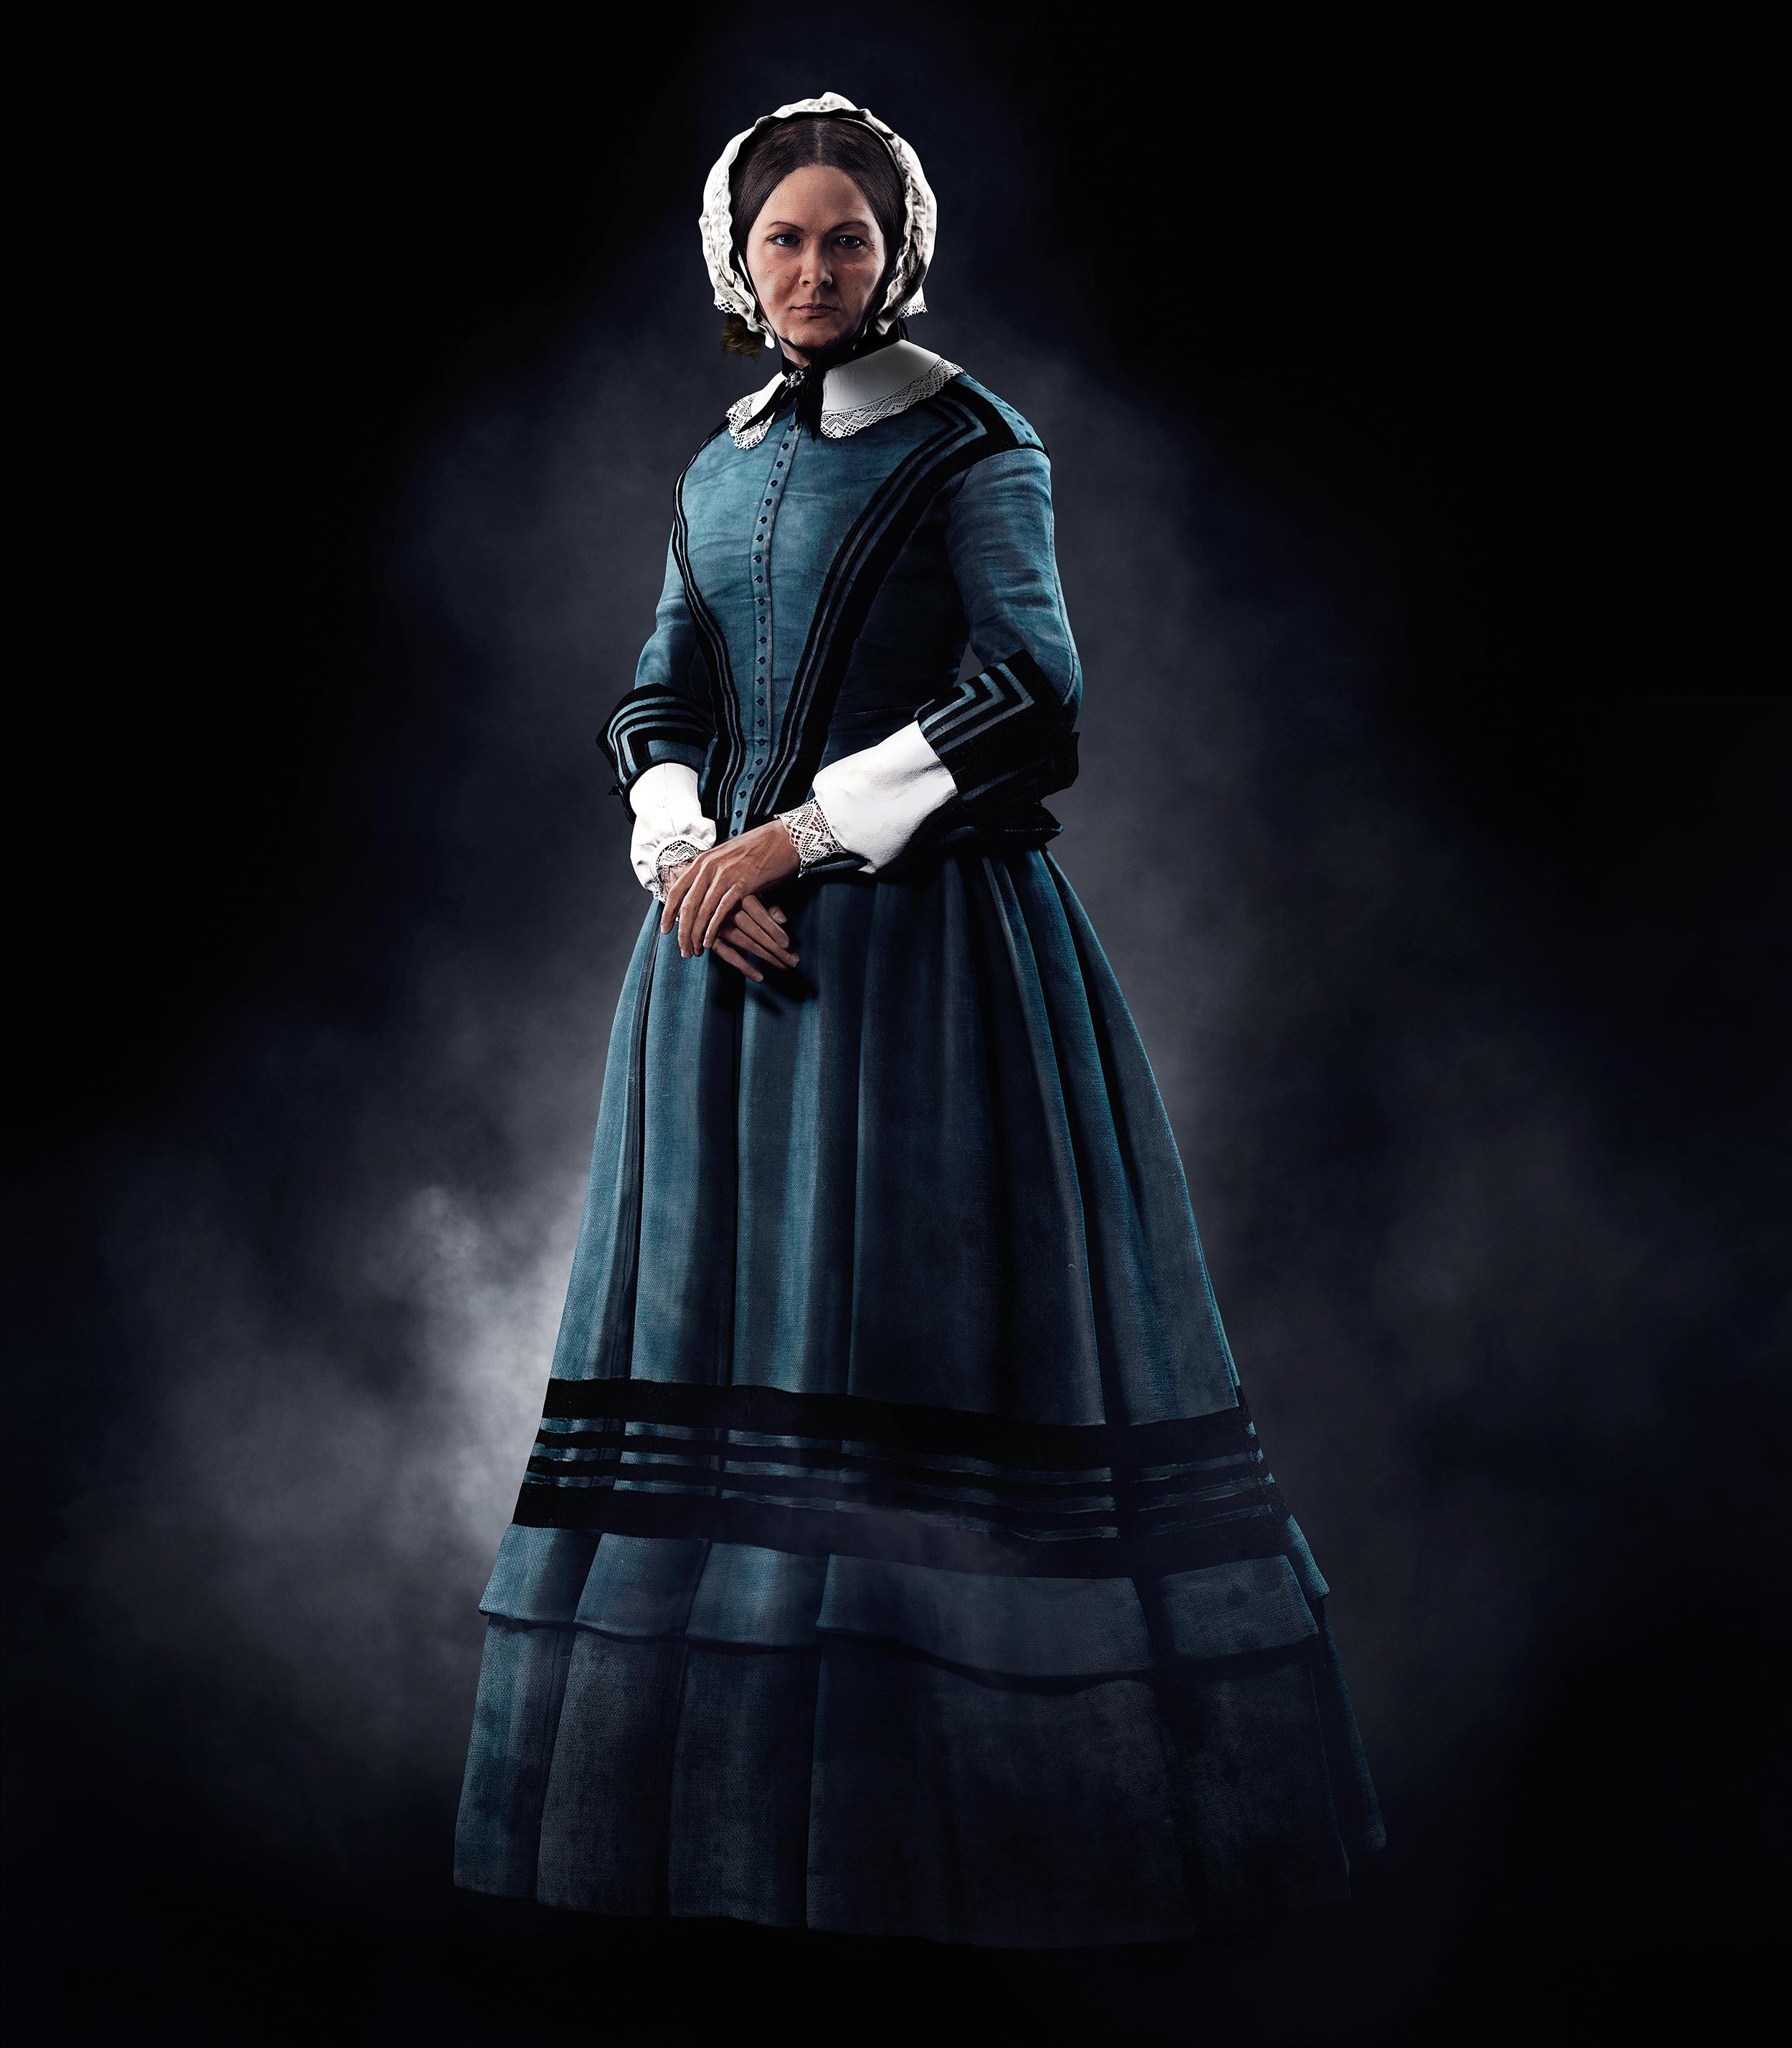 Historické osobnosti v Assassin's Creed: Syndicate 114893